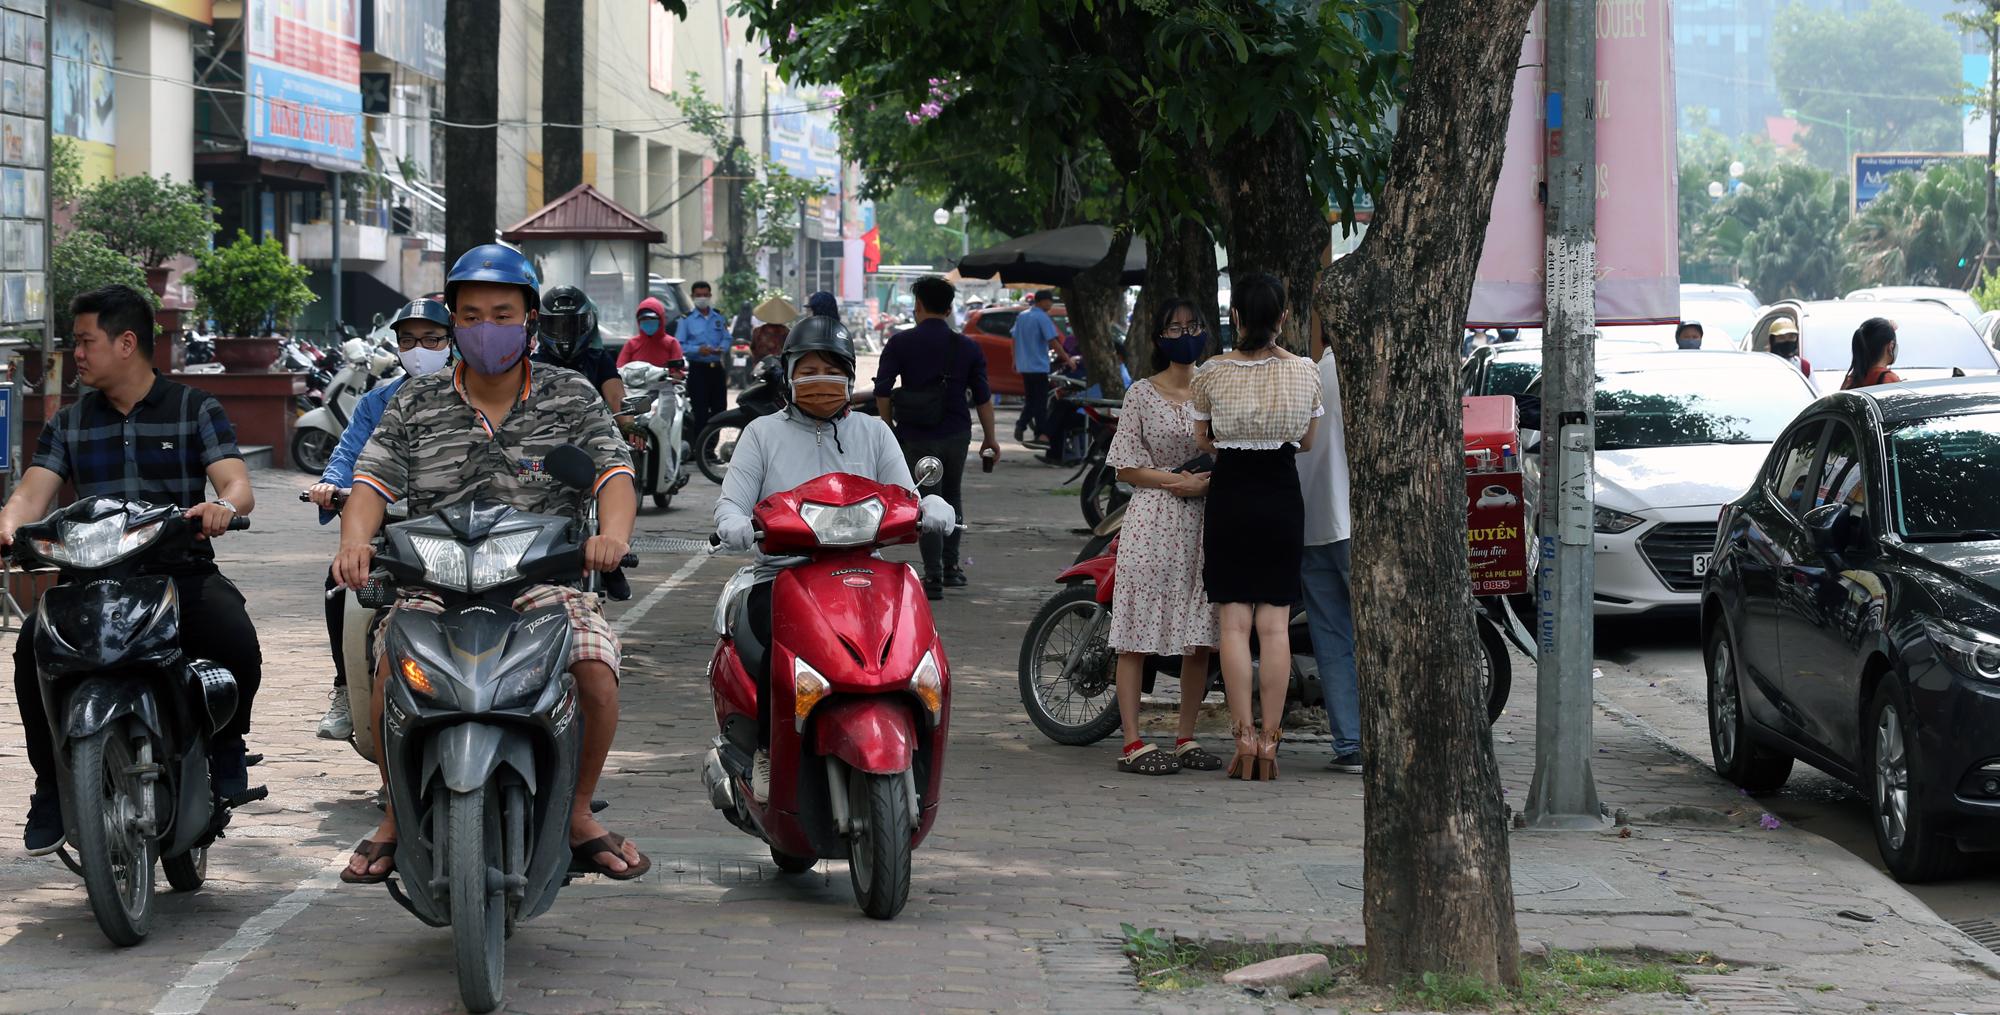 Chật vật qua nút giao Hoàng Quốc Việt - Nguyễn Văn Huyên đang xây cầu vượt - Ảnh 17.